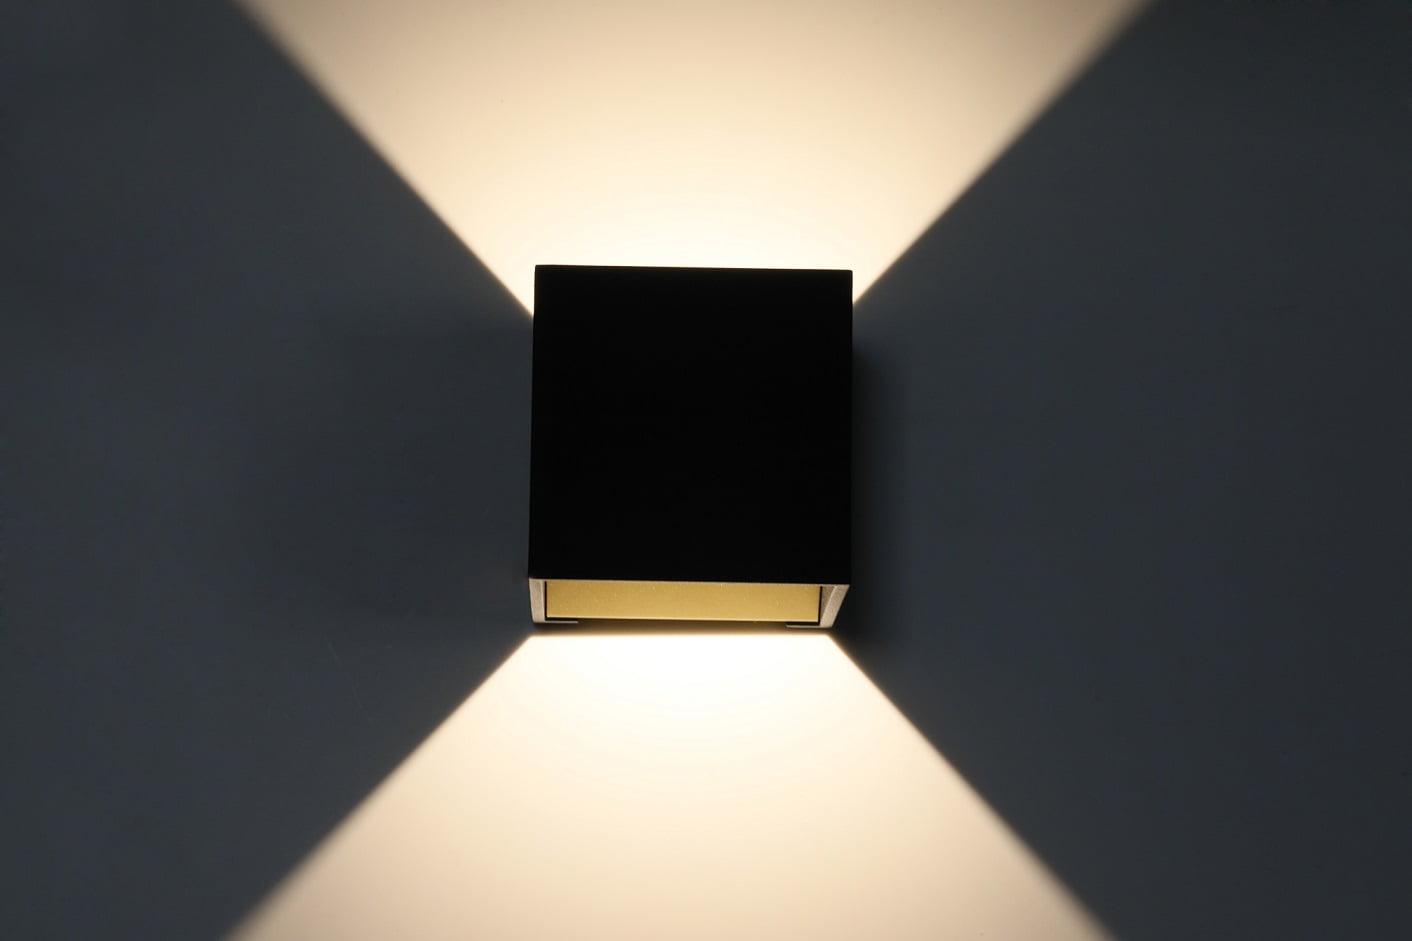 Wandlamp Goud Zwart Led Cube Online Kopen Trimless Led Inbouwspots